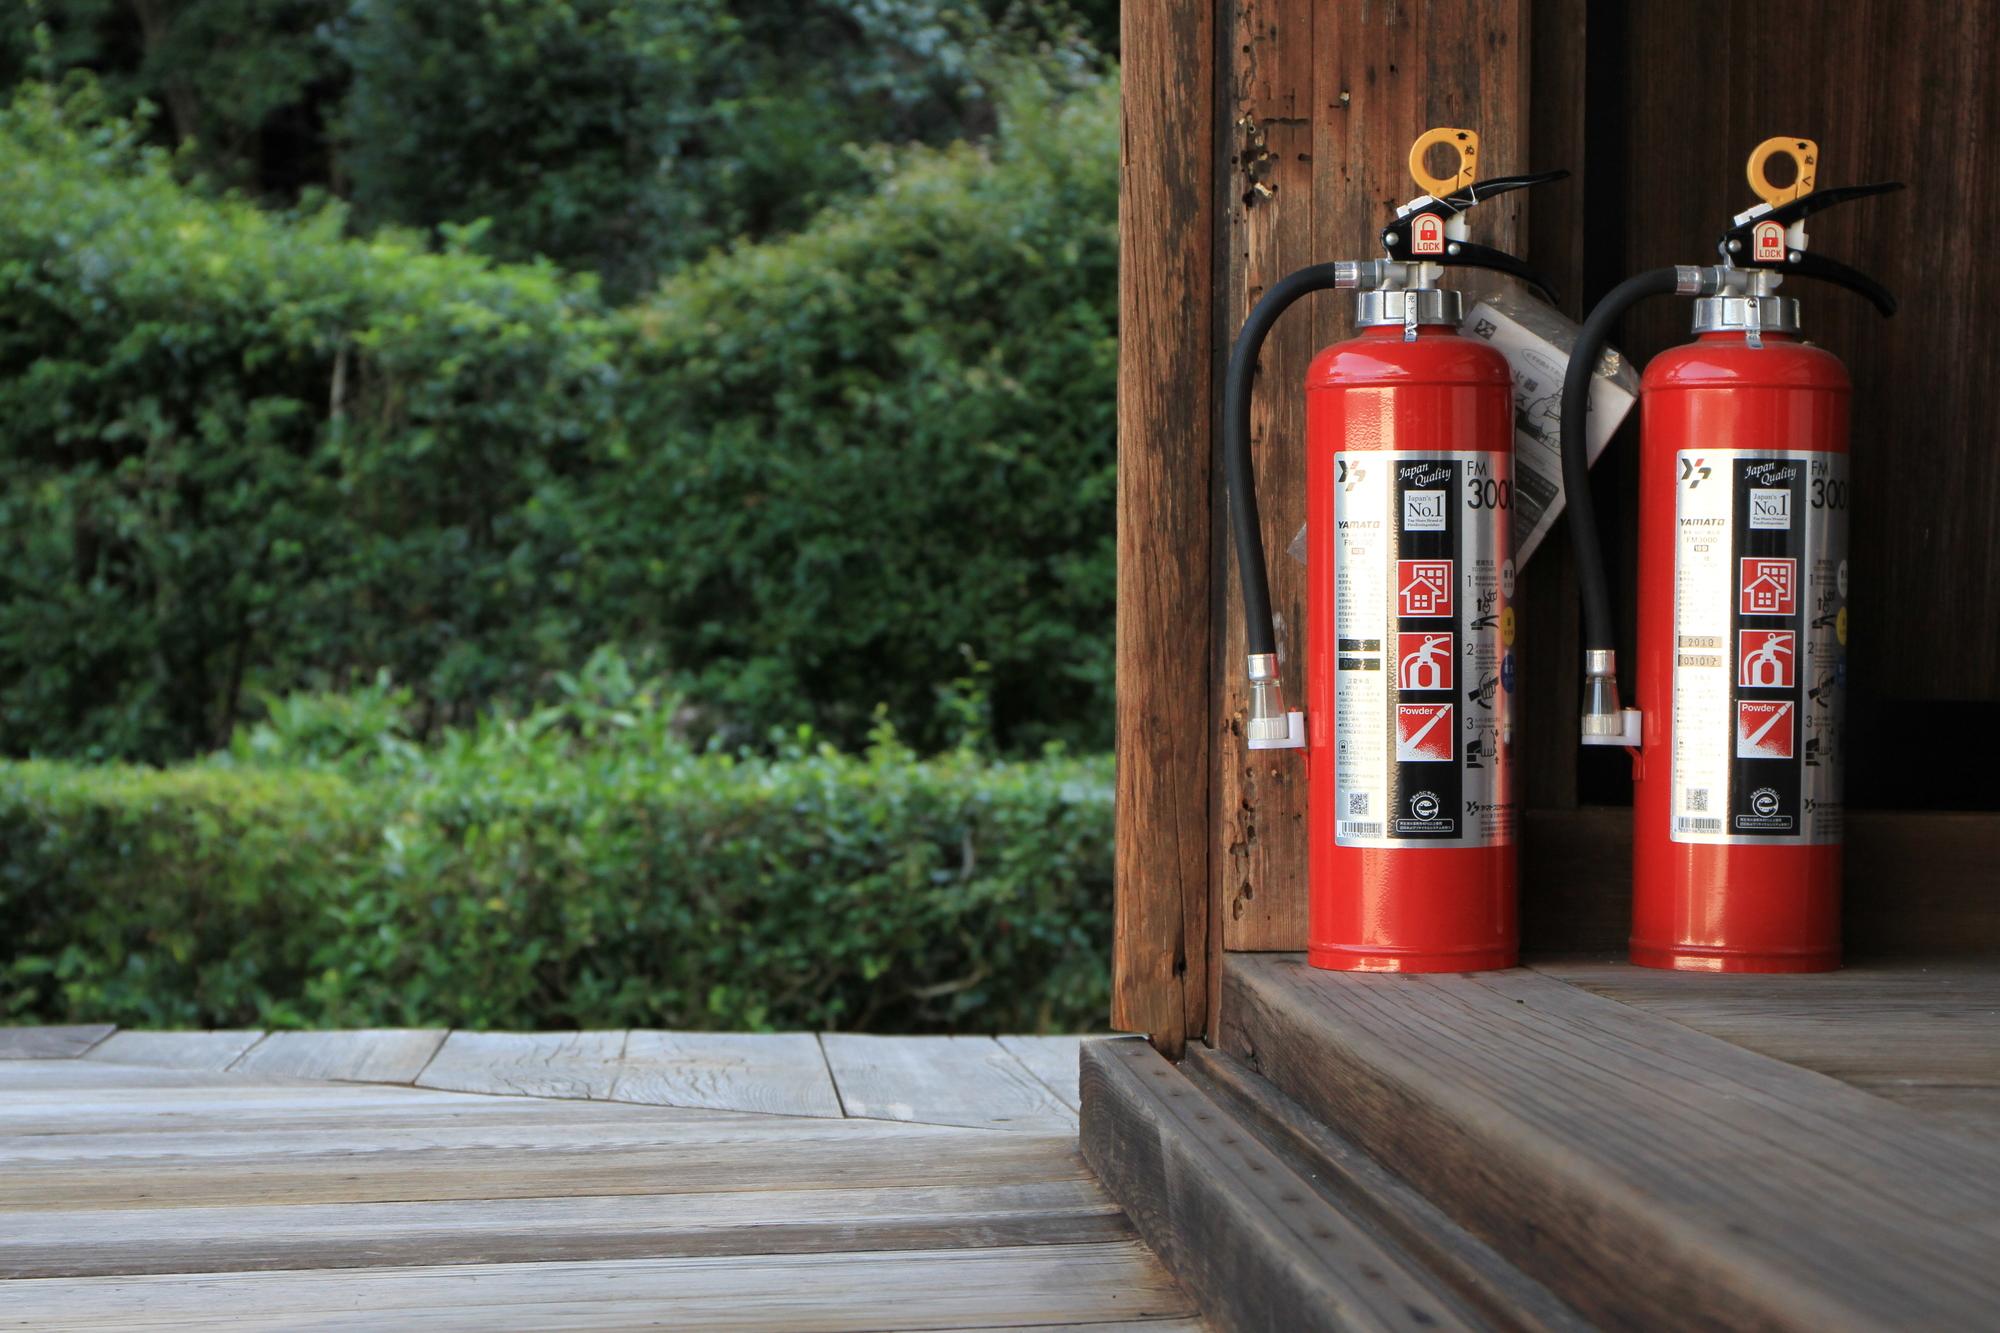 消防設備点検の必要性とリスク【必ず法令順守しよう】